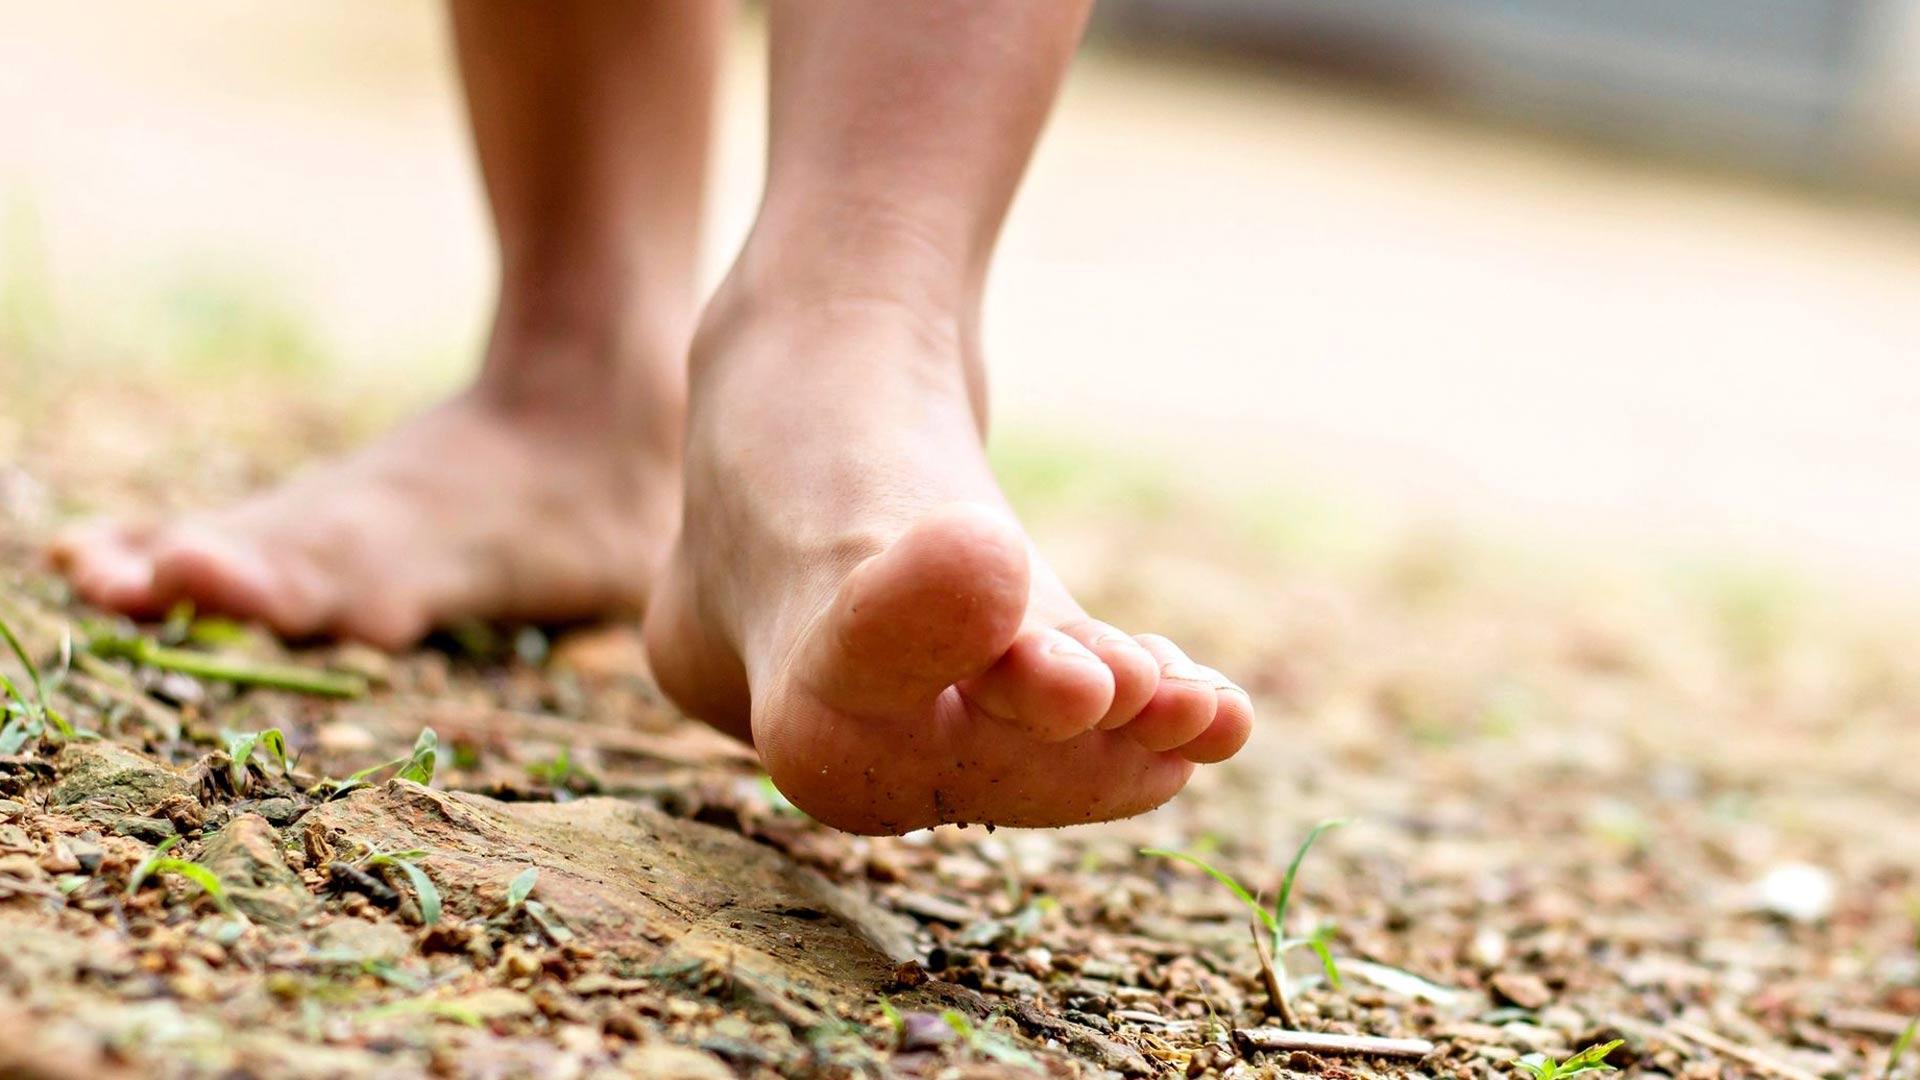 Hyväkuntoiset jalkaterän lihakset ja hyvät jalkineet tukevat jalkaa.